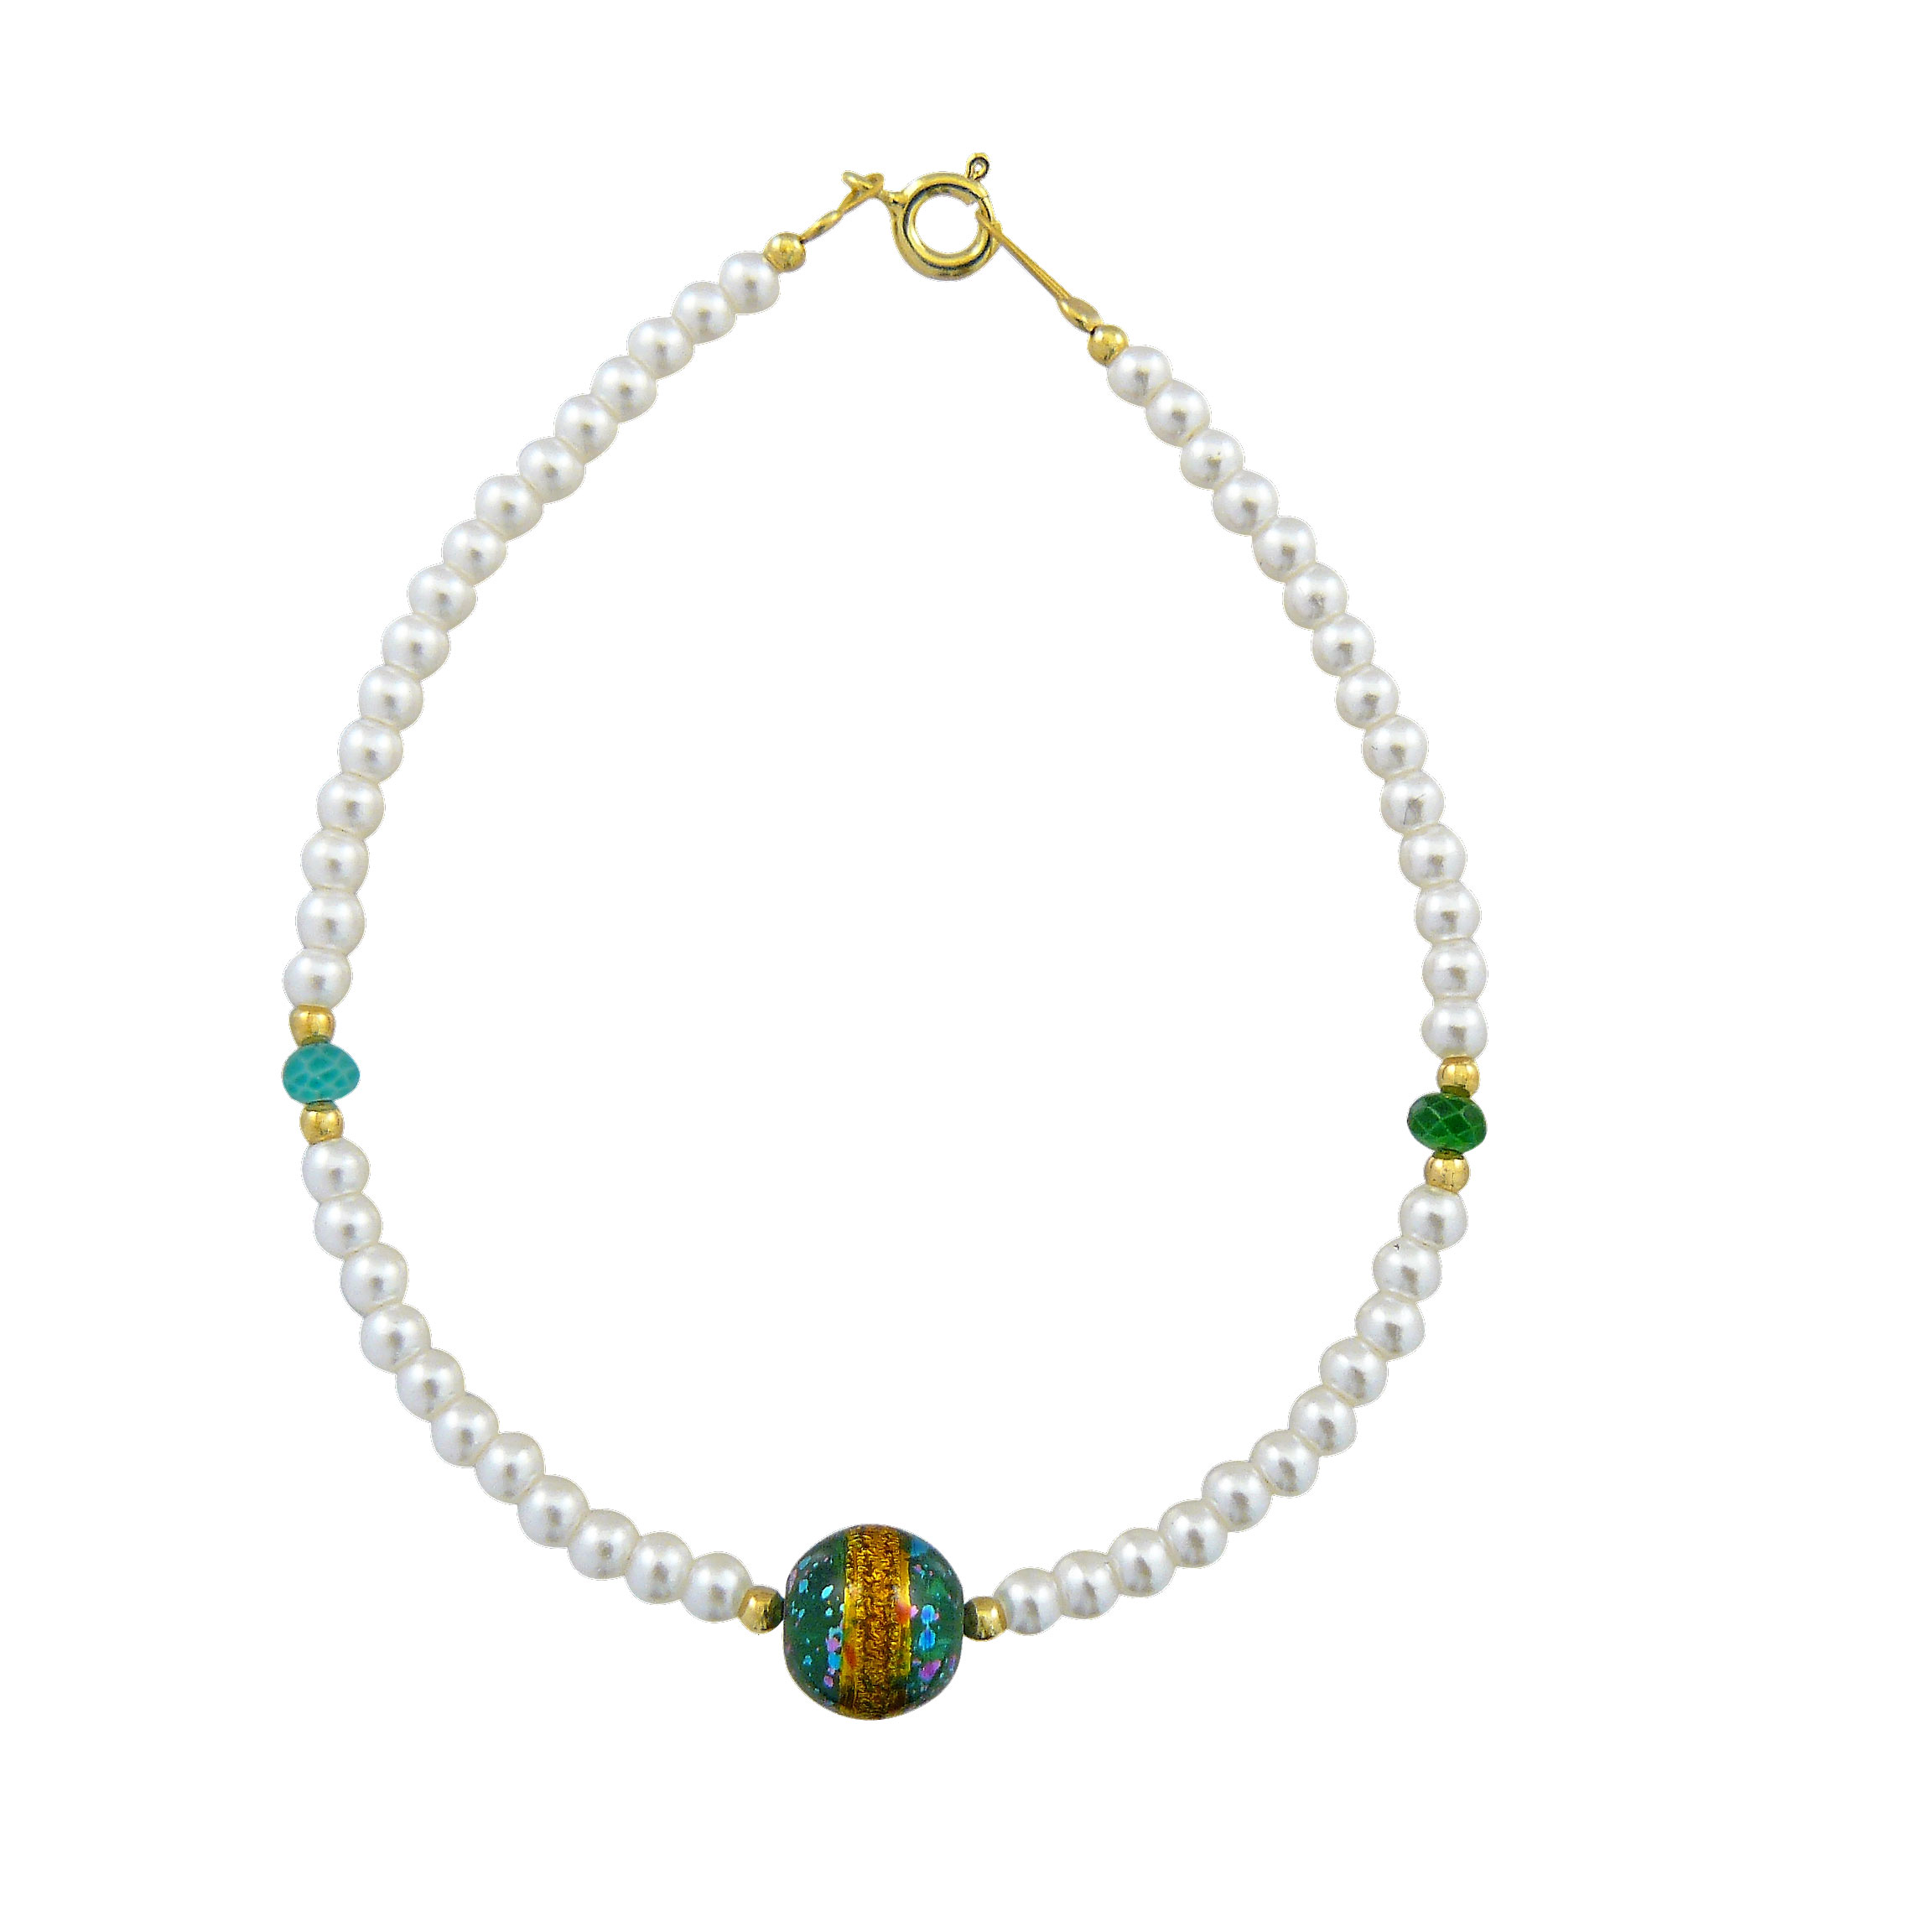 Γυναικείο Βραχιόλι με Μαργαριτάρια και Συνθετική  Πράσινη Πέτρα (Silver 925)